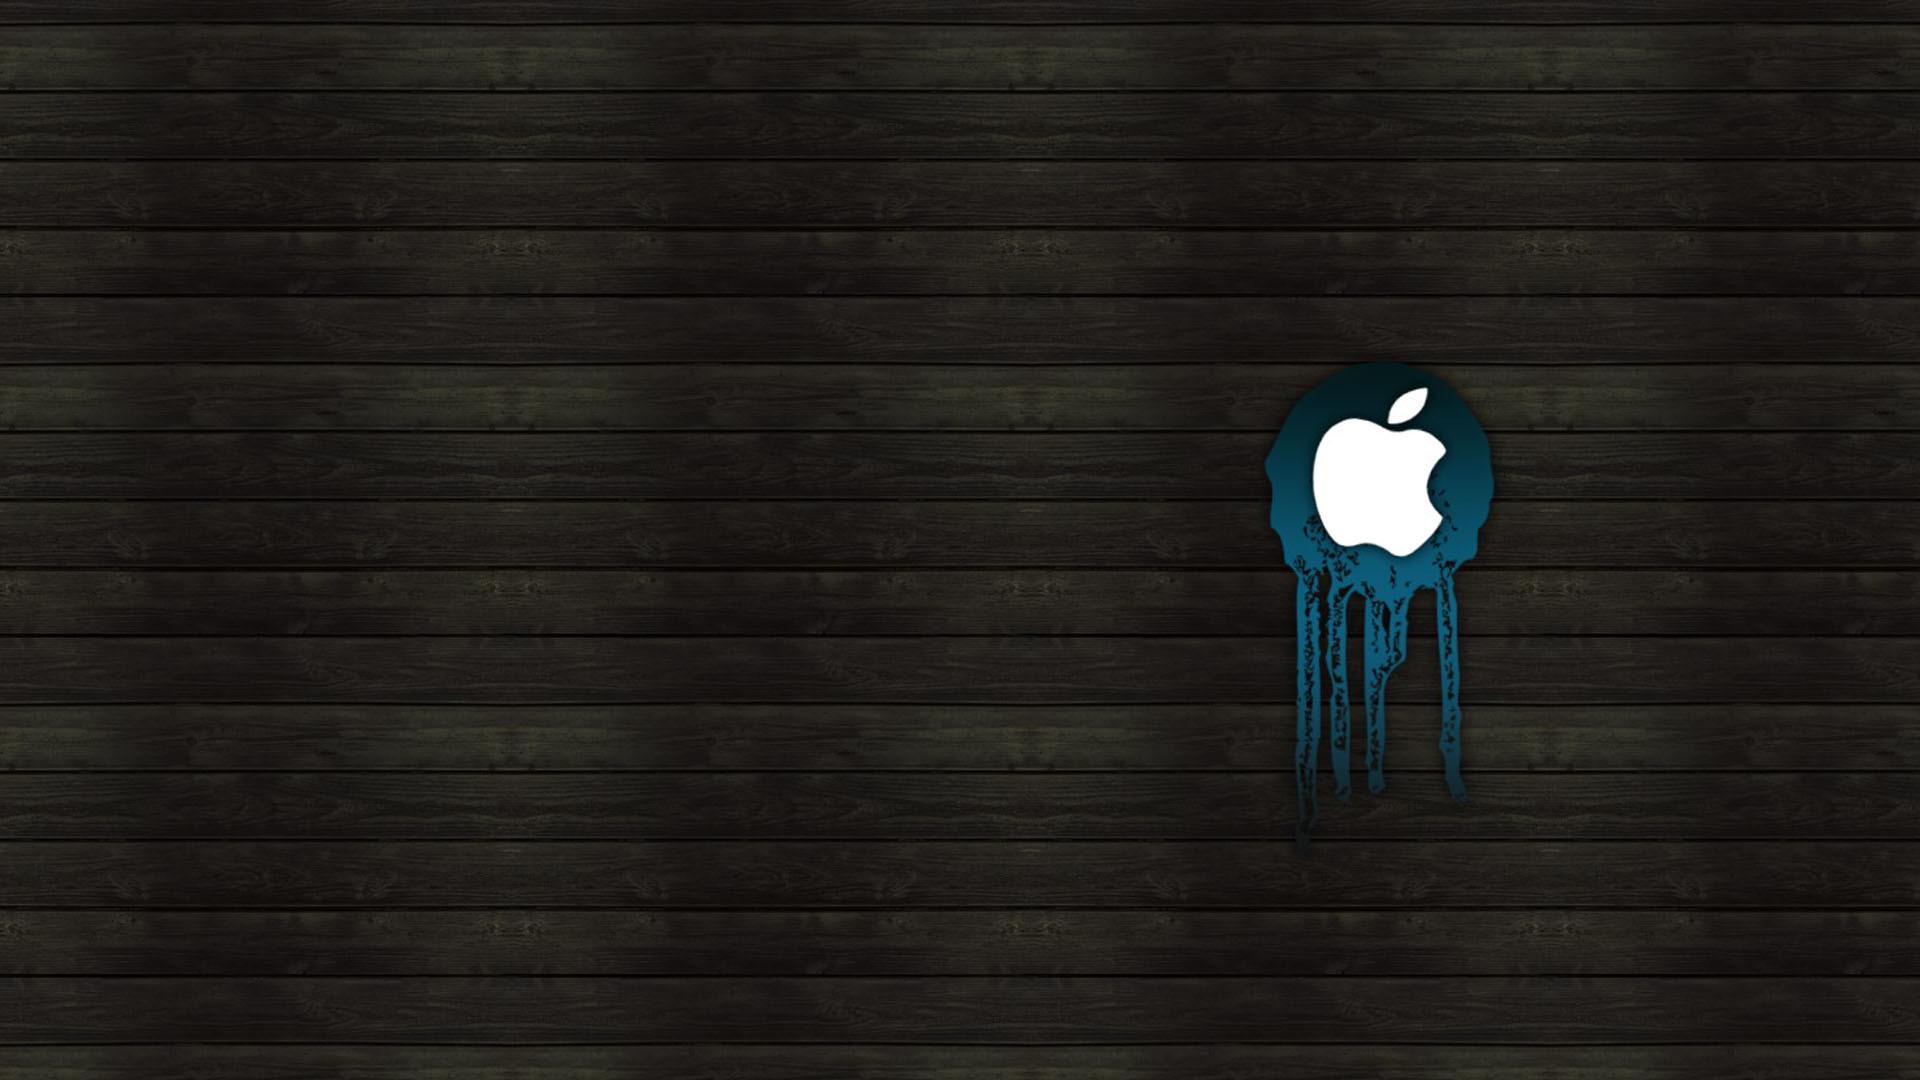 how to change wallpaper on macbook pro retina